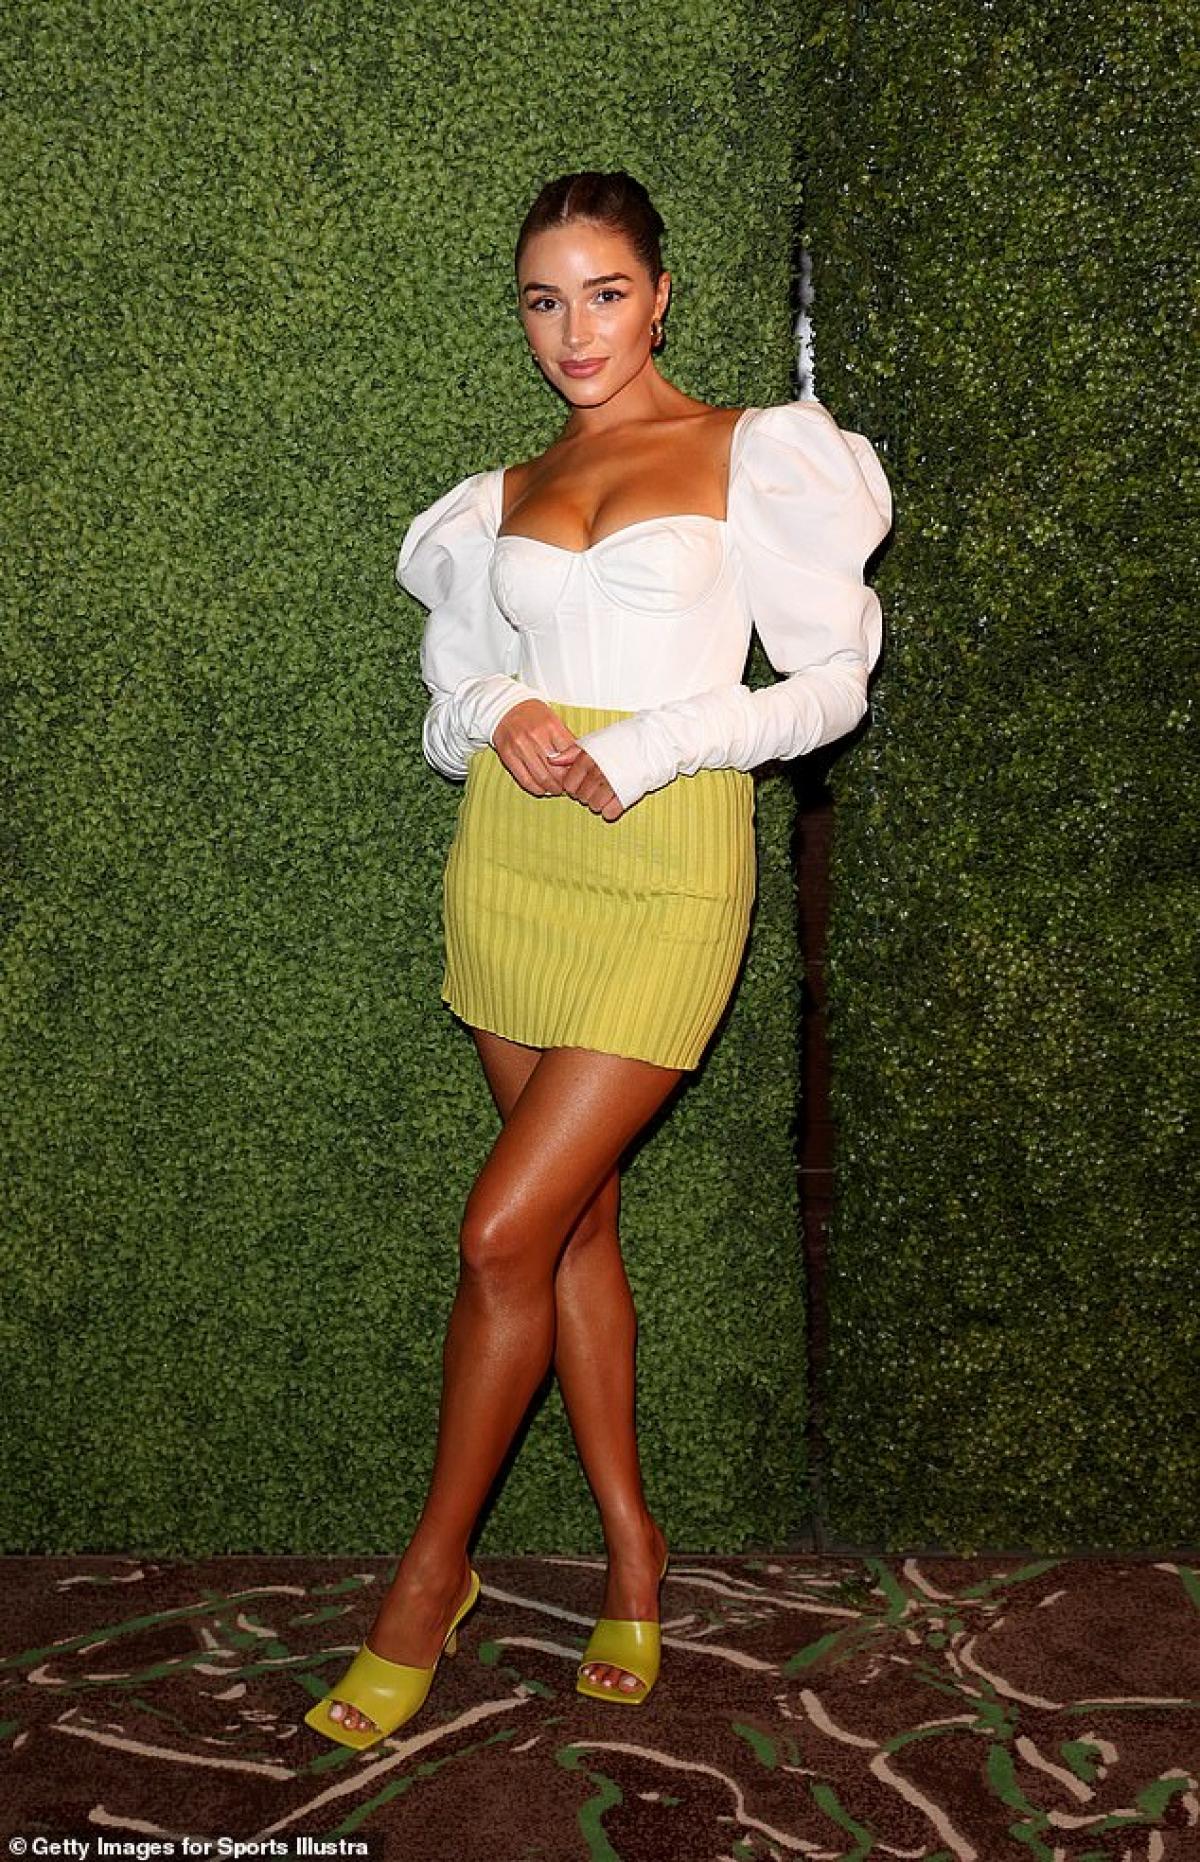 Olivia Culpo thu hút mọi ánh nhìn khi tham dự tiệc ra mắt Tạp chí áo tắm Sports Illustrated diễn ra ở Mỹ mới đây.